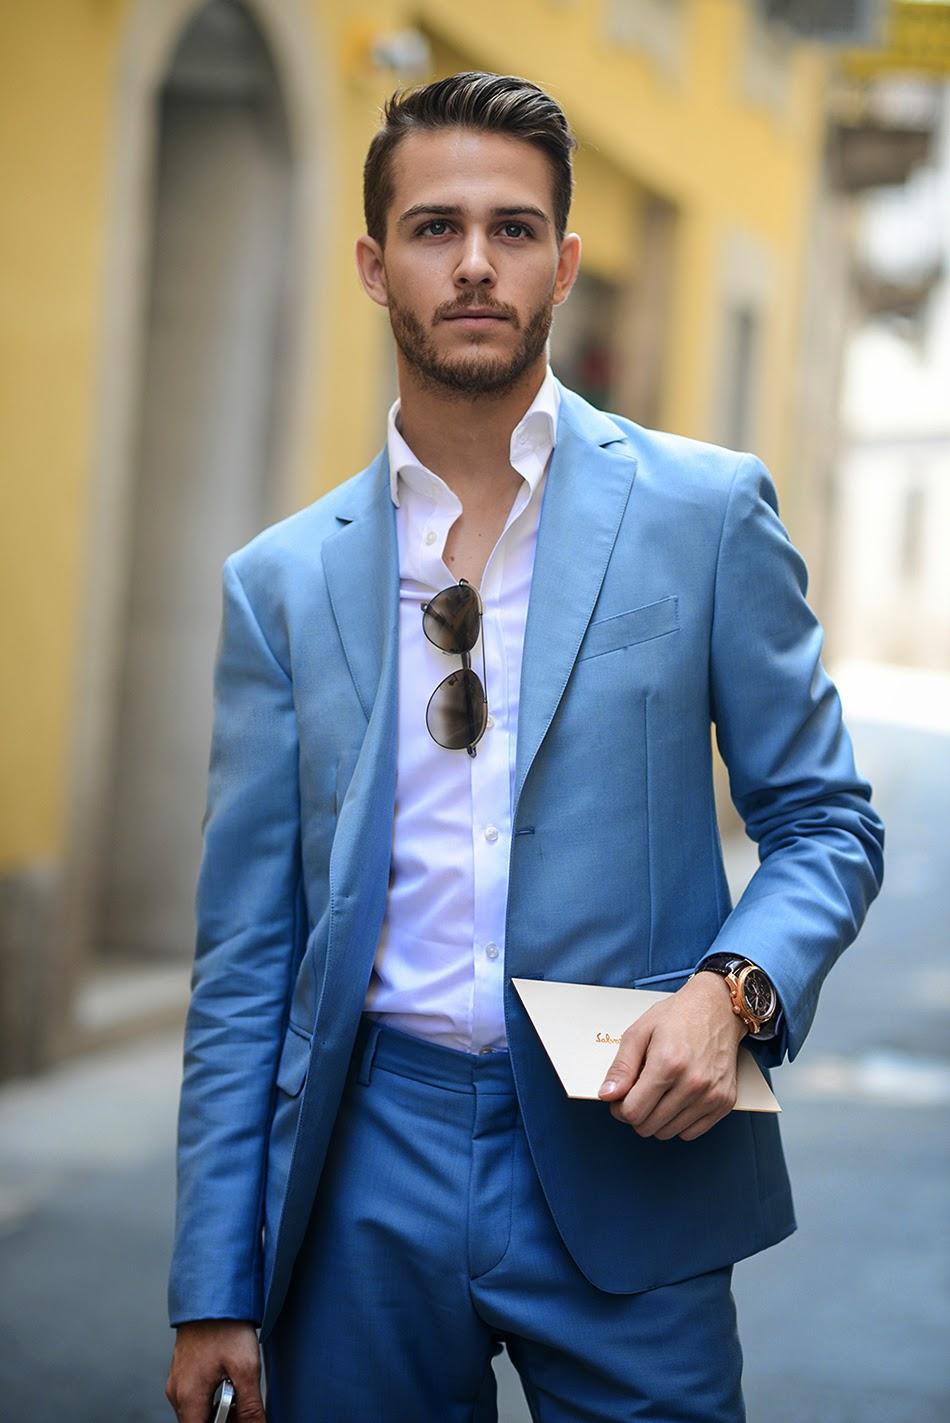 adam-gallagher-suit